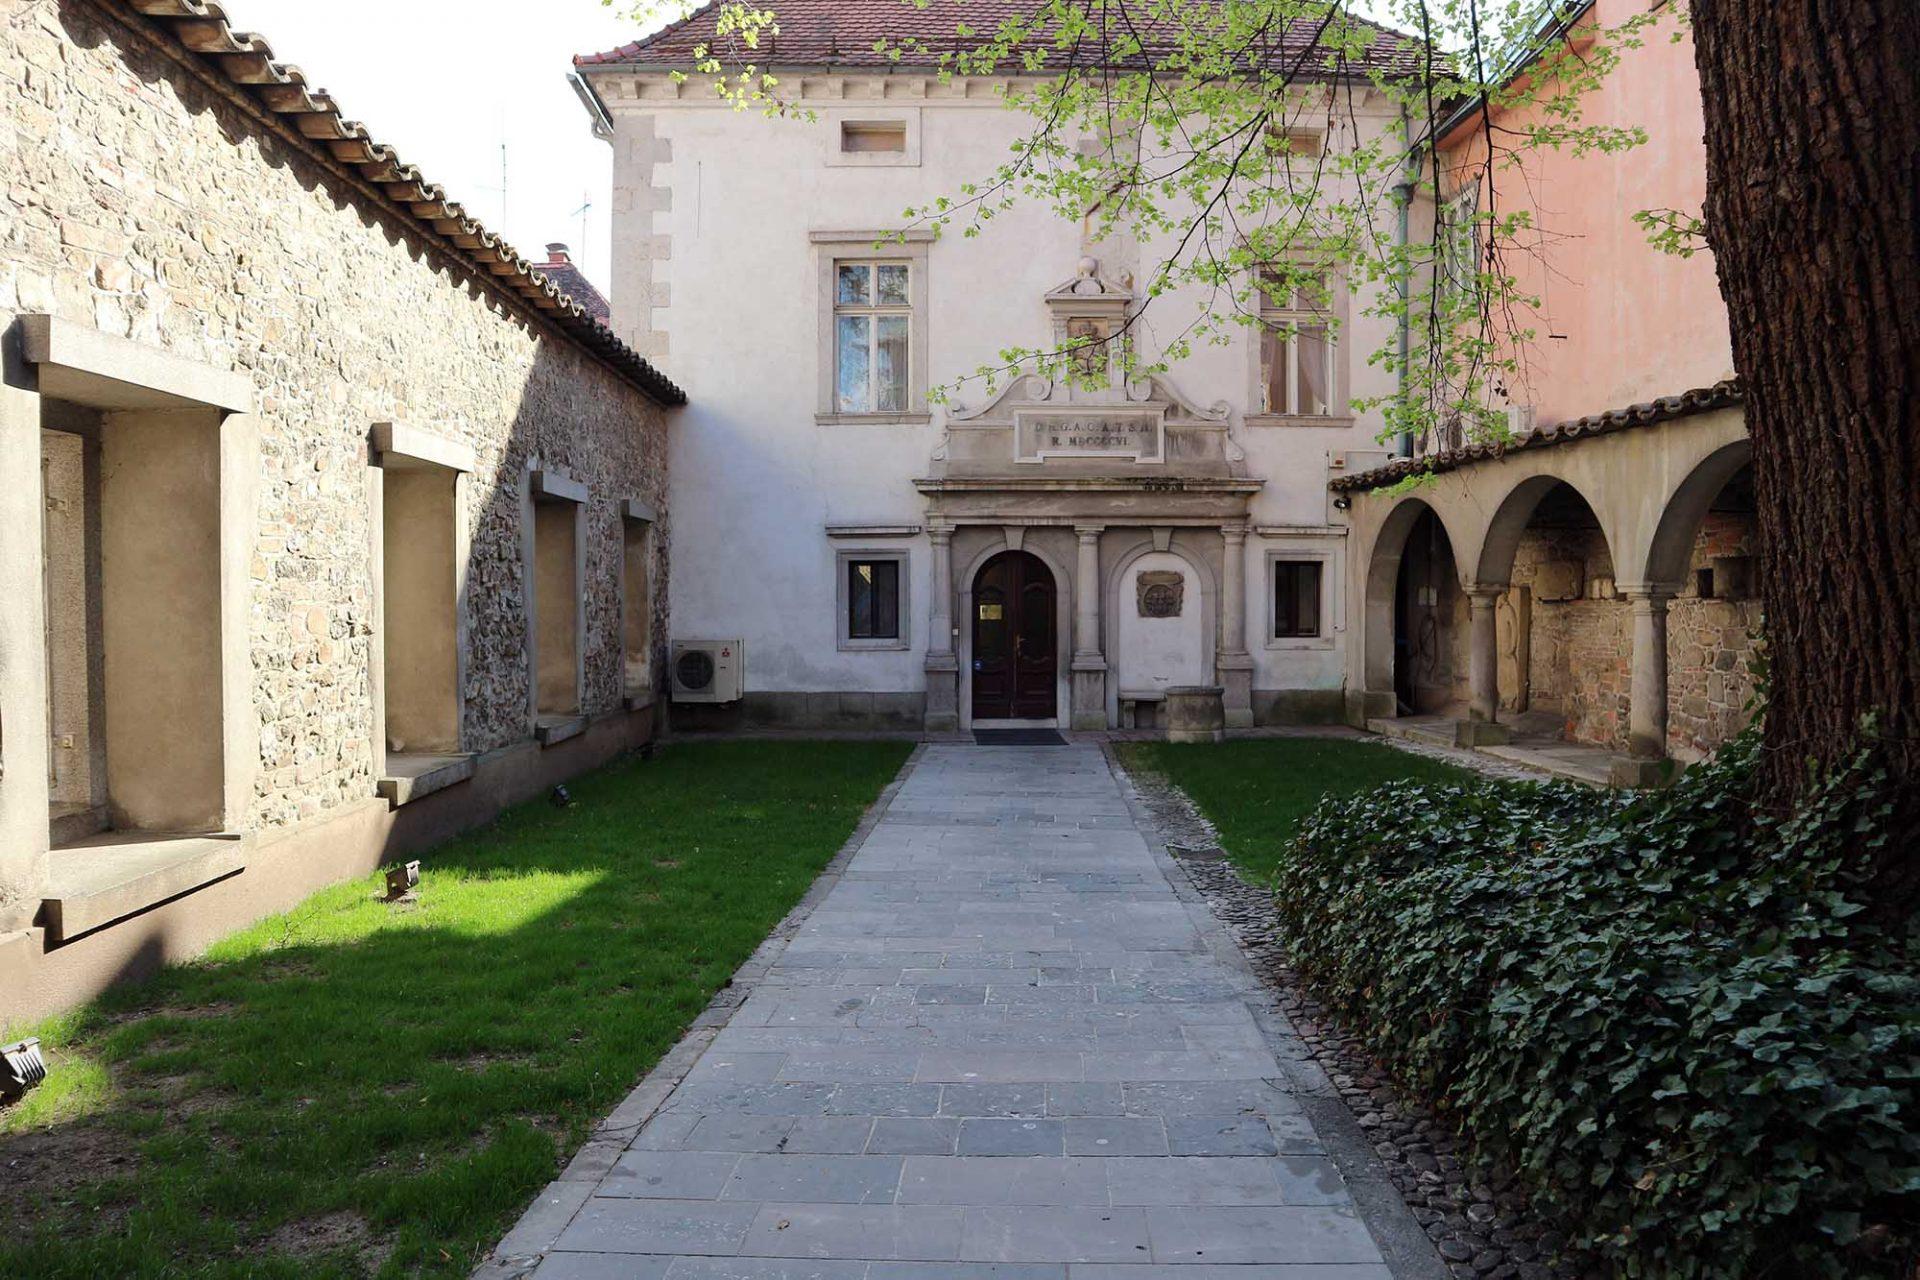 Križanke. Der Umbau des ehemaligen Deutschritterordensklosters zu einem Versammlungs- und Veranstaltungsort ist das letzte große Werk Plečniks (1952-1956). Er öffnete die ihn umschliessenden Steinmauern und machte die Anlage von außen einsehbar.